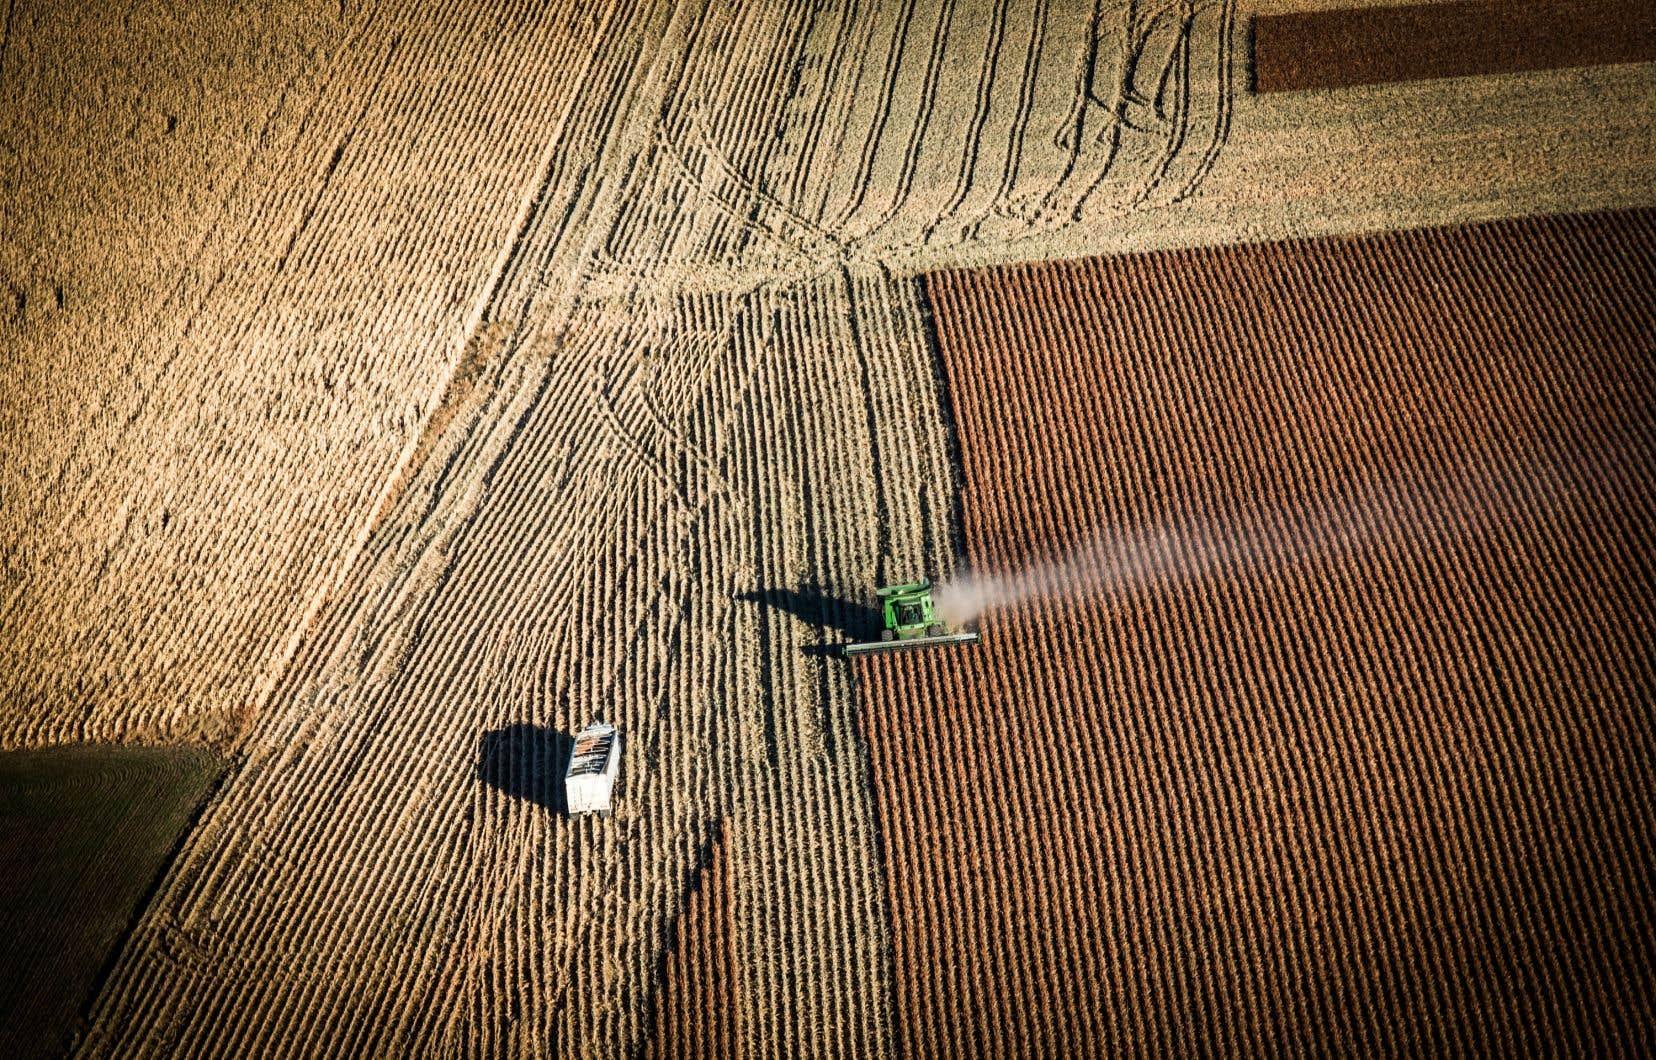 Un champ près de Presho, au Dakota du Sud. Denombreux agriculteurs s'opposent à la construction de l'oléoduc Keystone XL jusqu'au Texas.